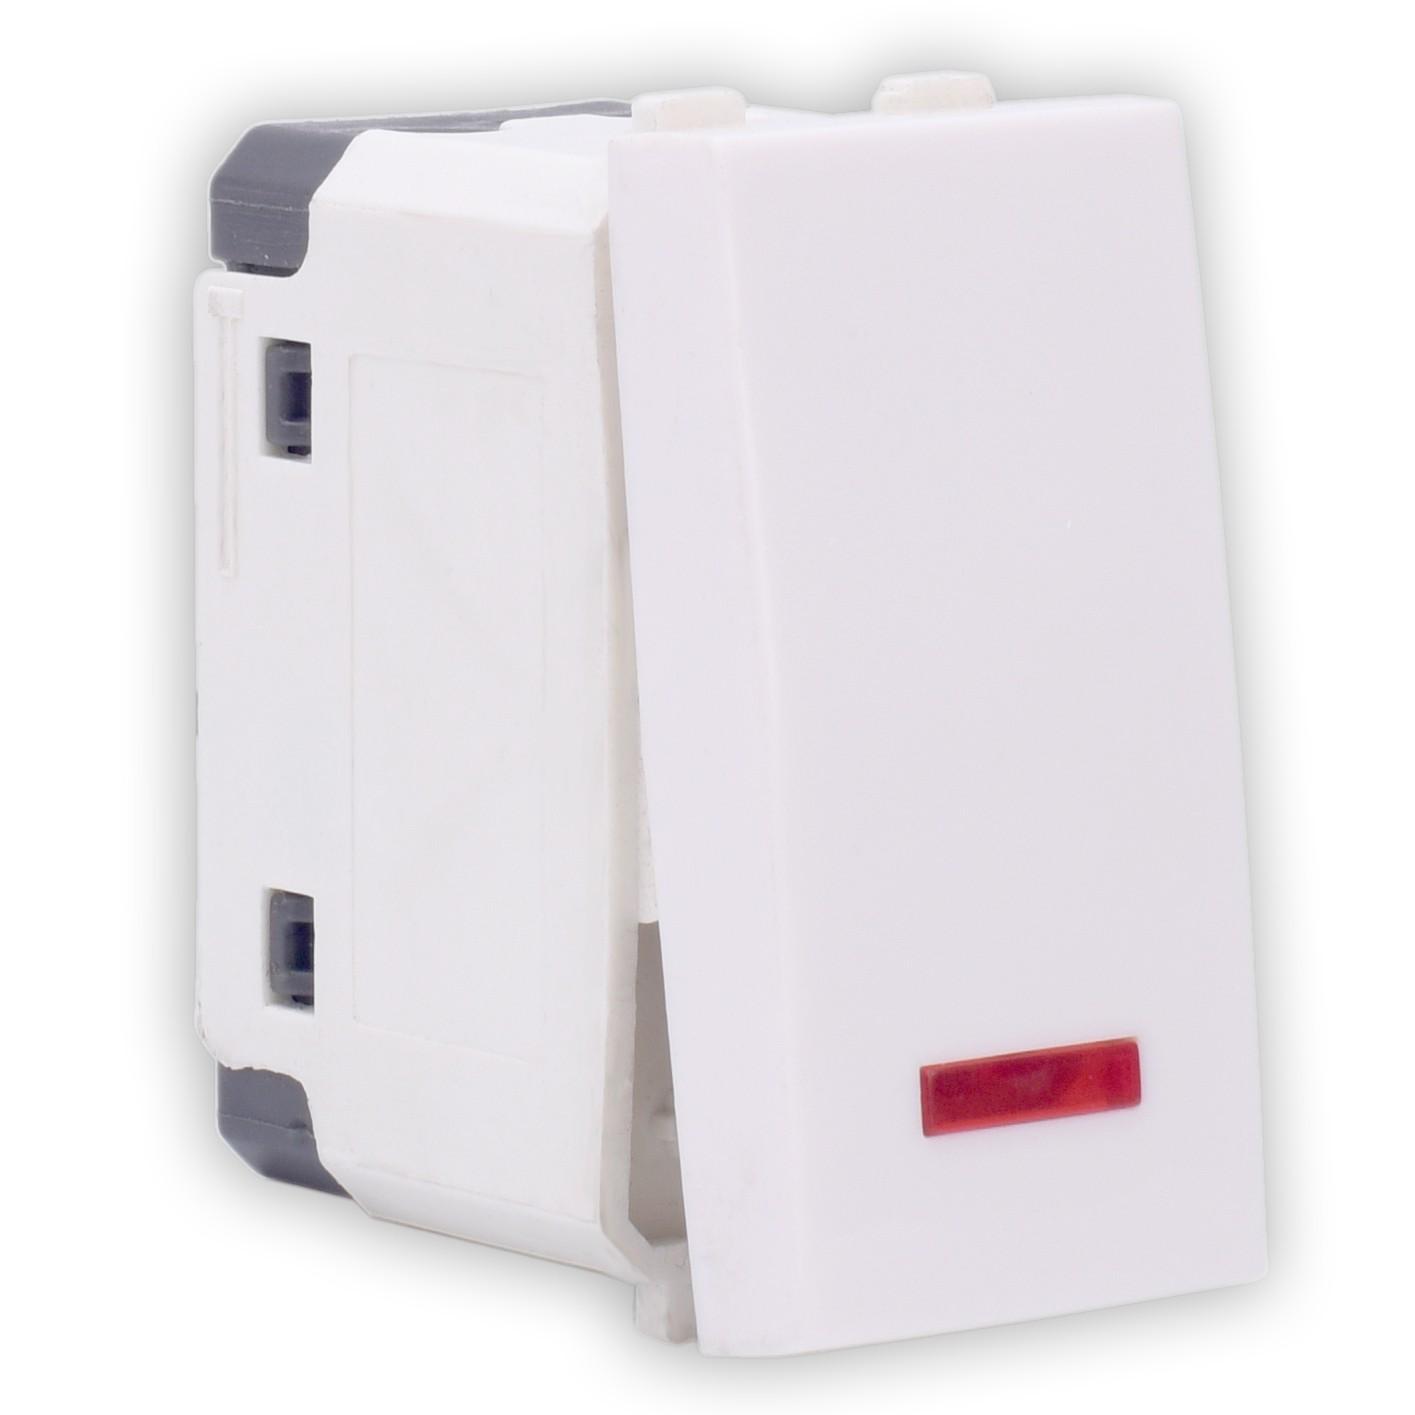 Intrerupator simplu cu indicator luminos Hoff, incastrat, modular - 1, 16A